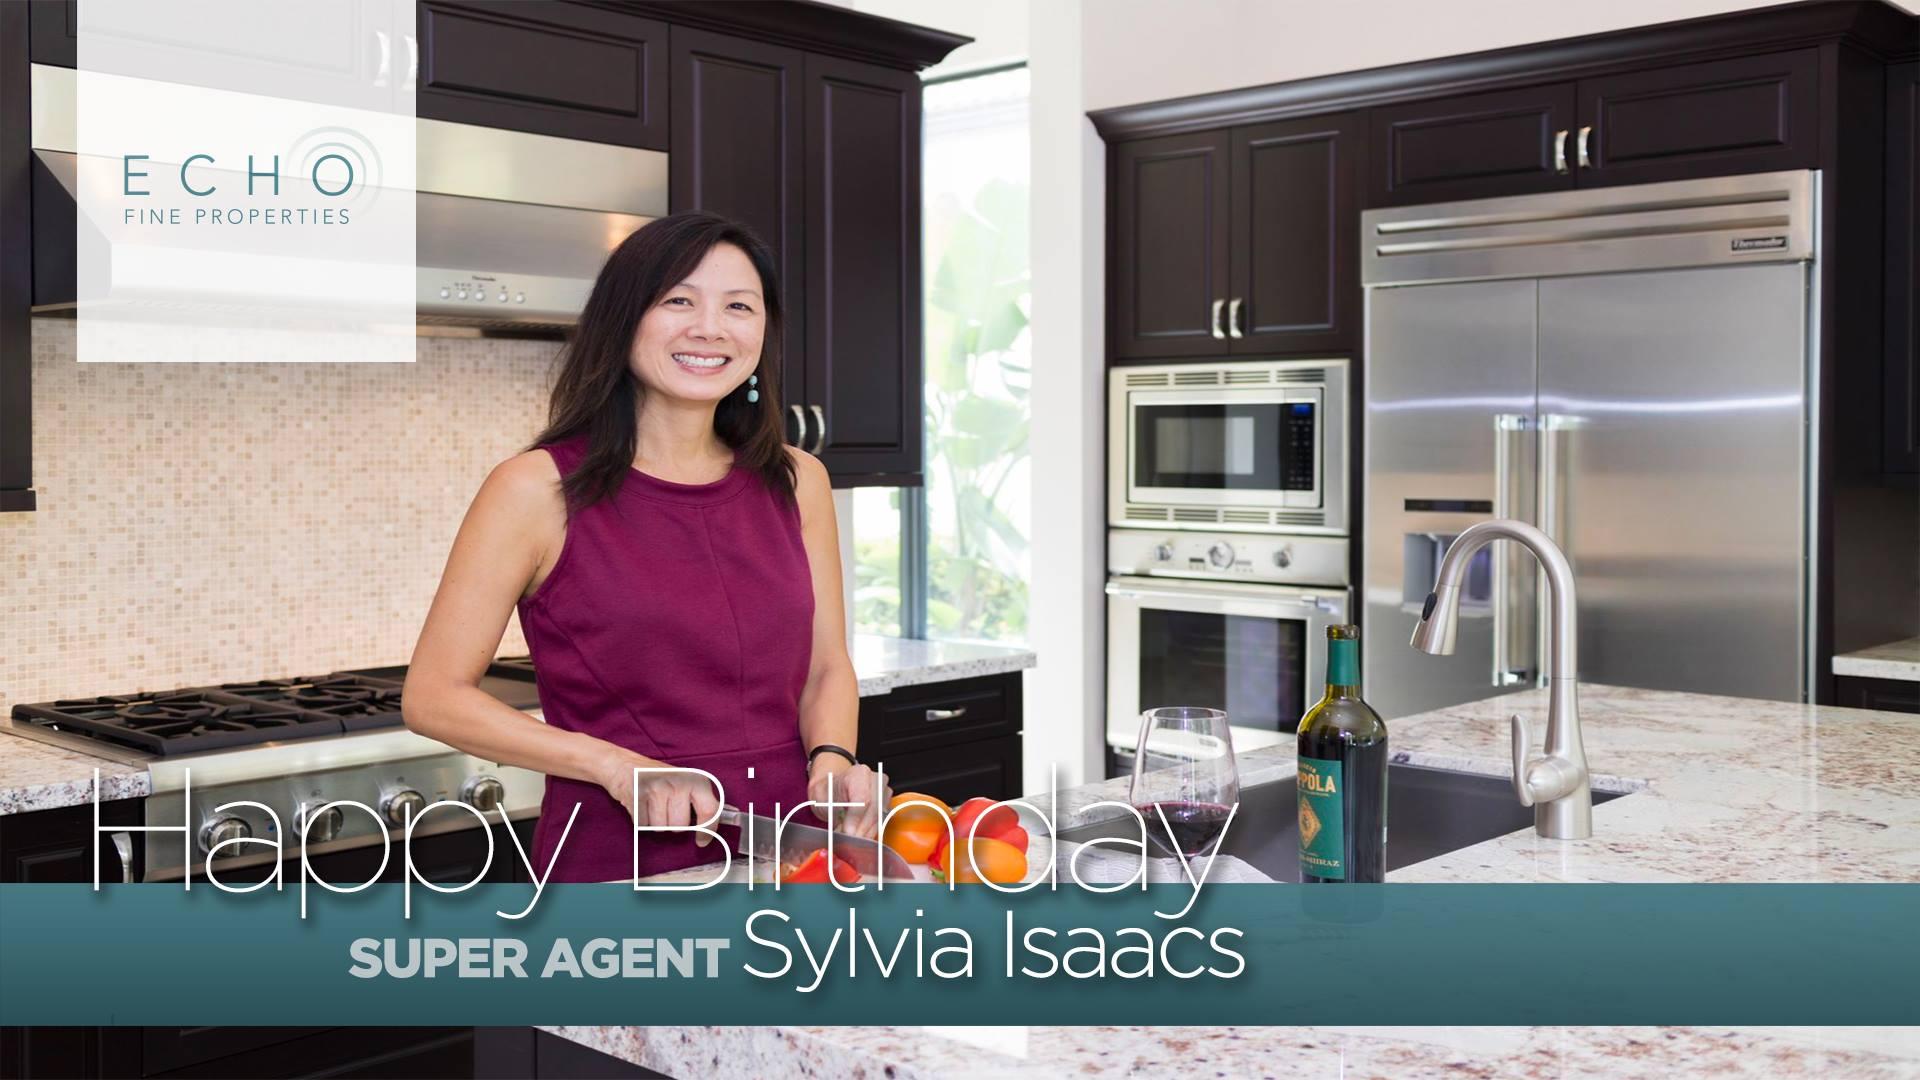 Happy-Bday-Sylvia